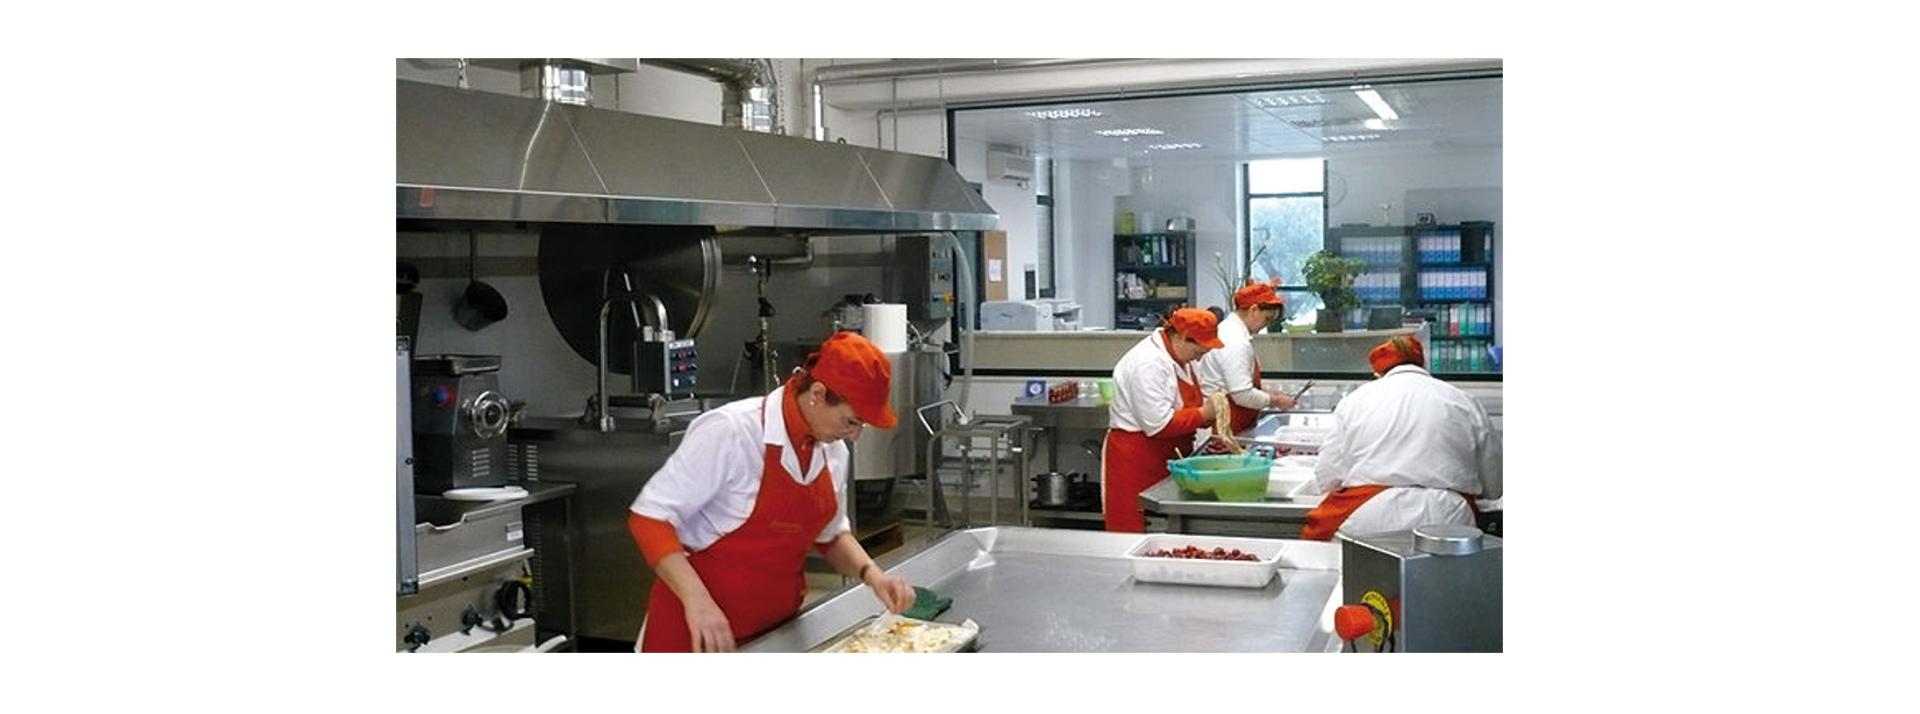 Progetto ristorazione progettazione e attrezzature per cucine industriali e professionali dalle - Cucine industriali usate ...